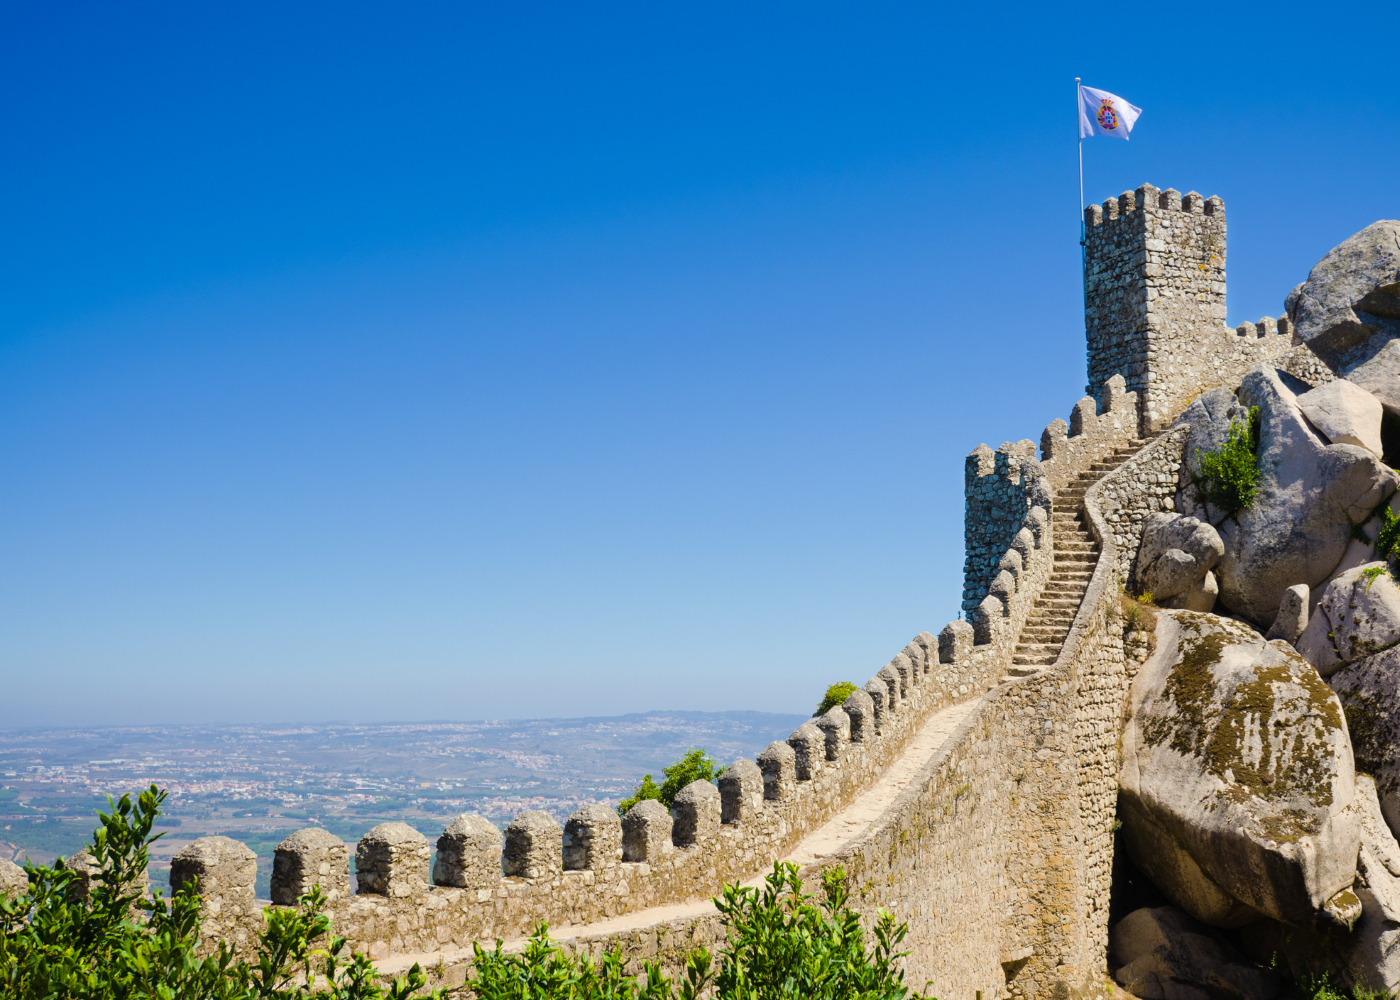 castelo dos mouros em Sintra